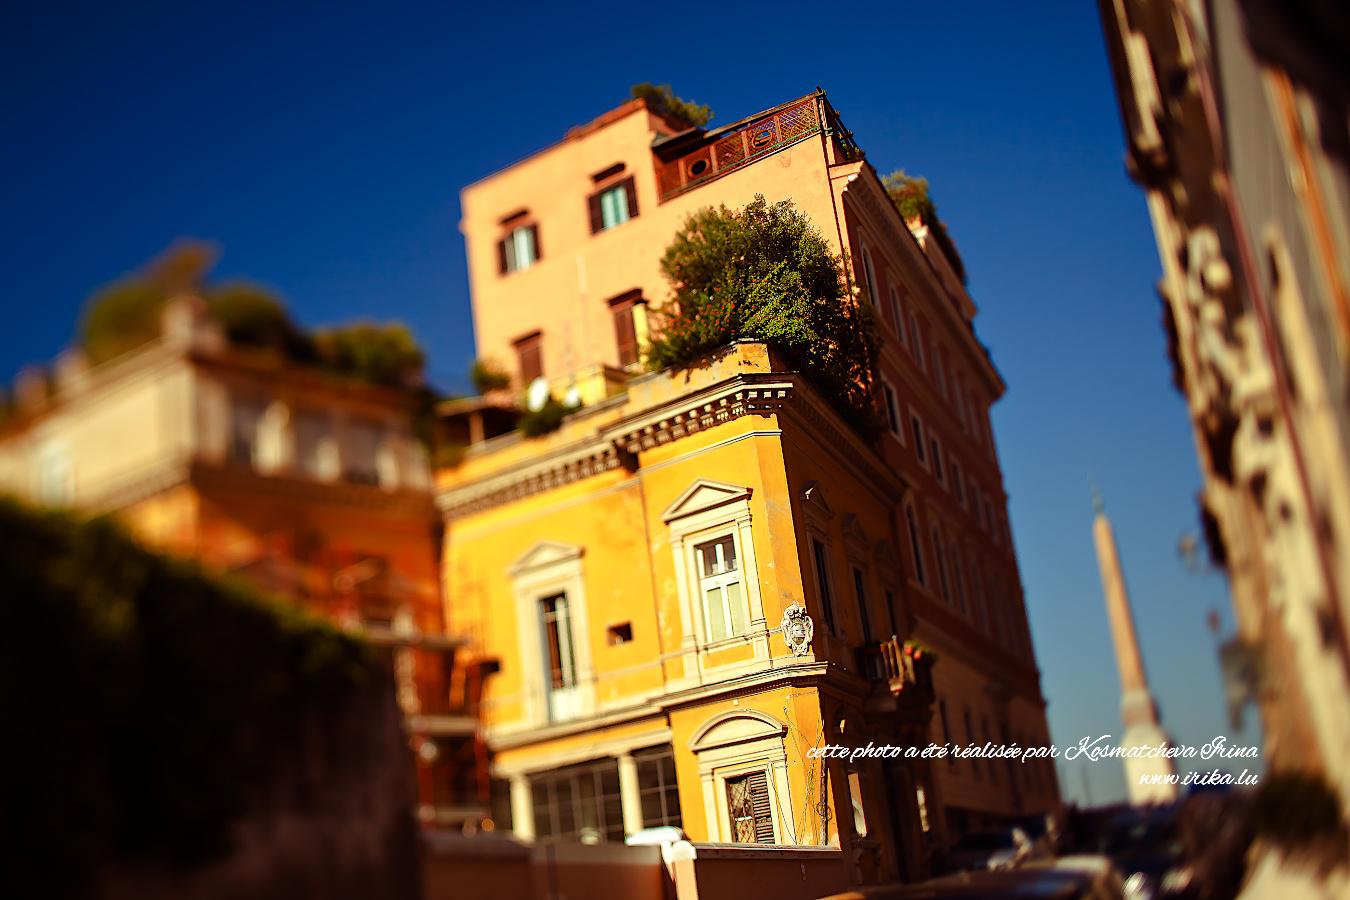 Dans la rue de Rome